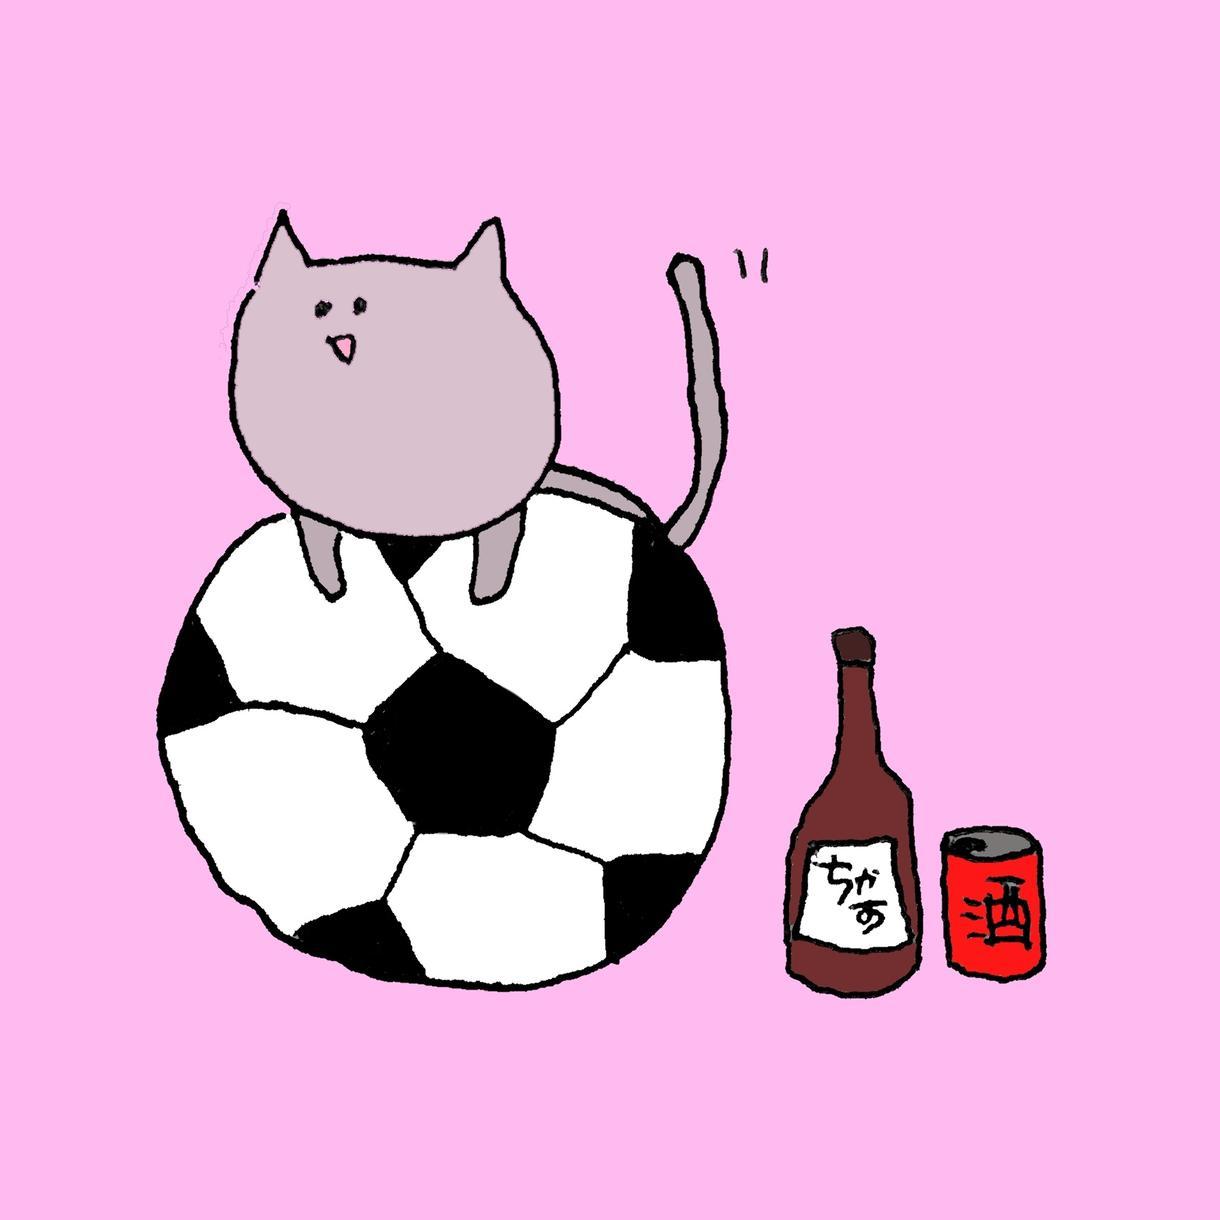 背景色違い3枚プレゼント!SNSアイコン描きます 動物やスポーツなど、好きなものをアイコンに♪